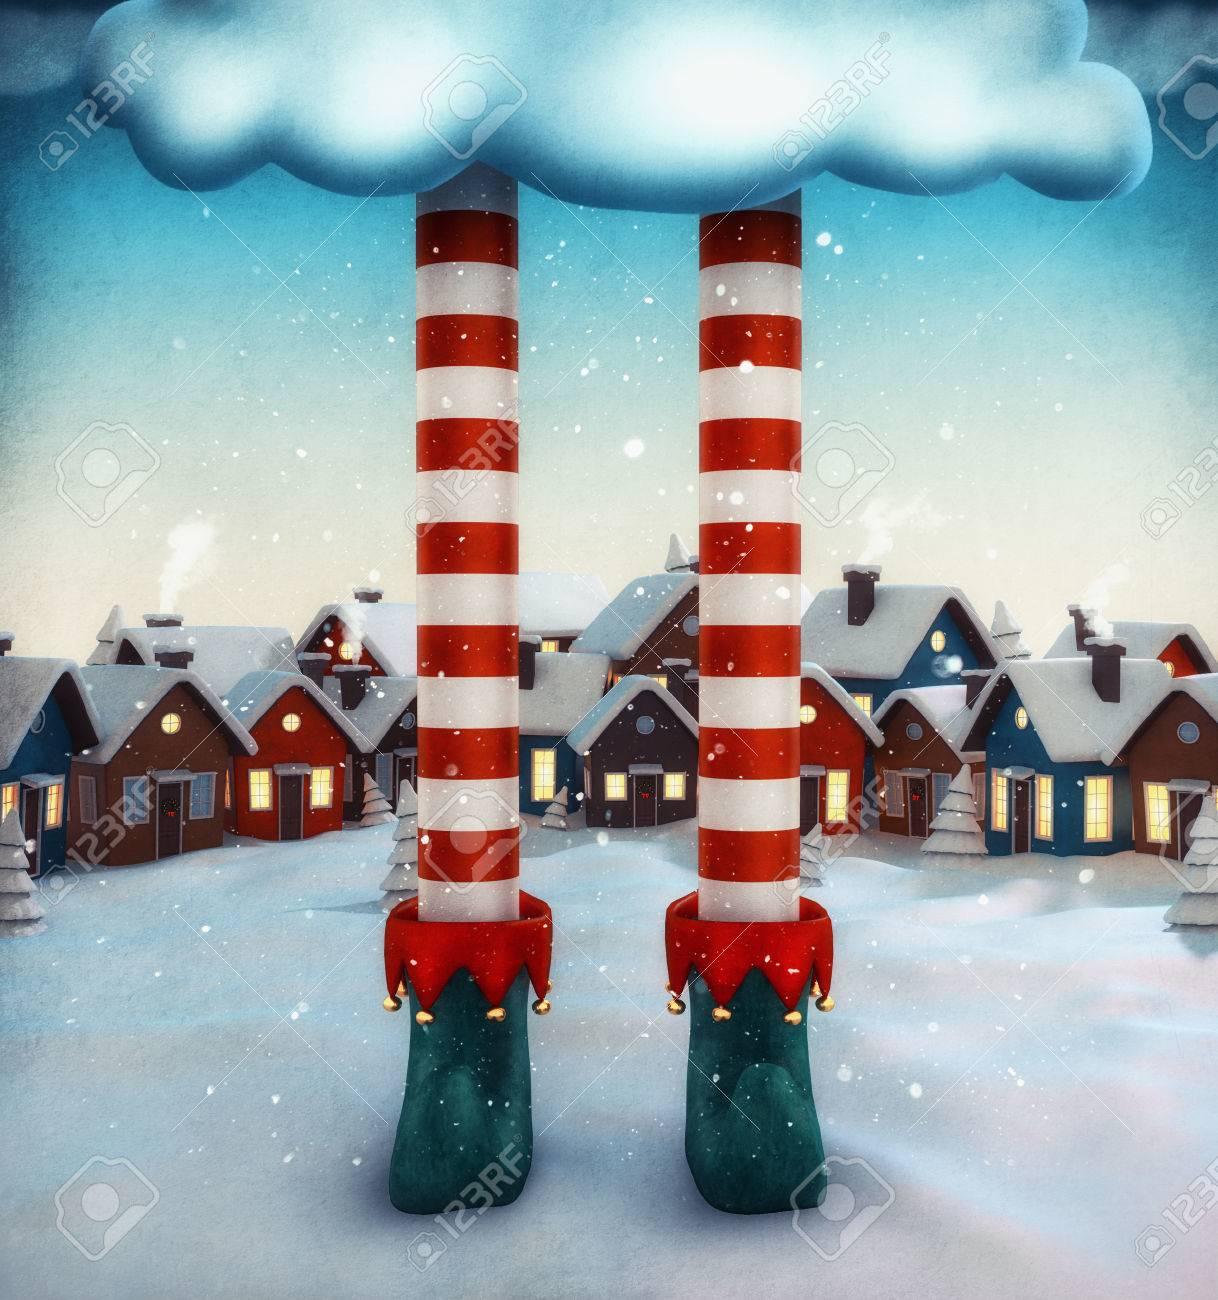 Erstaunliche Märchen-Illustration Mit Elf Und Cartoon-Häuser ...